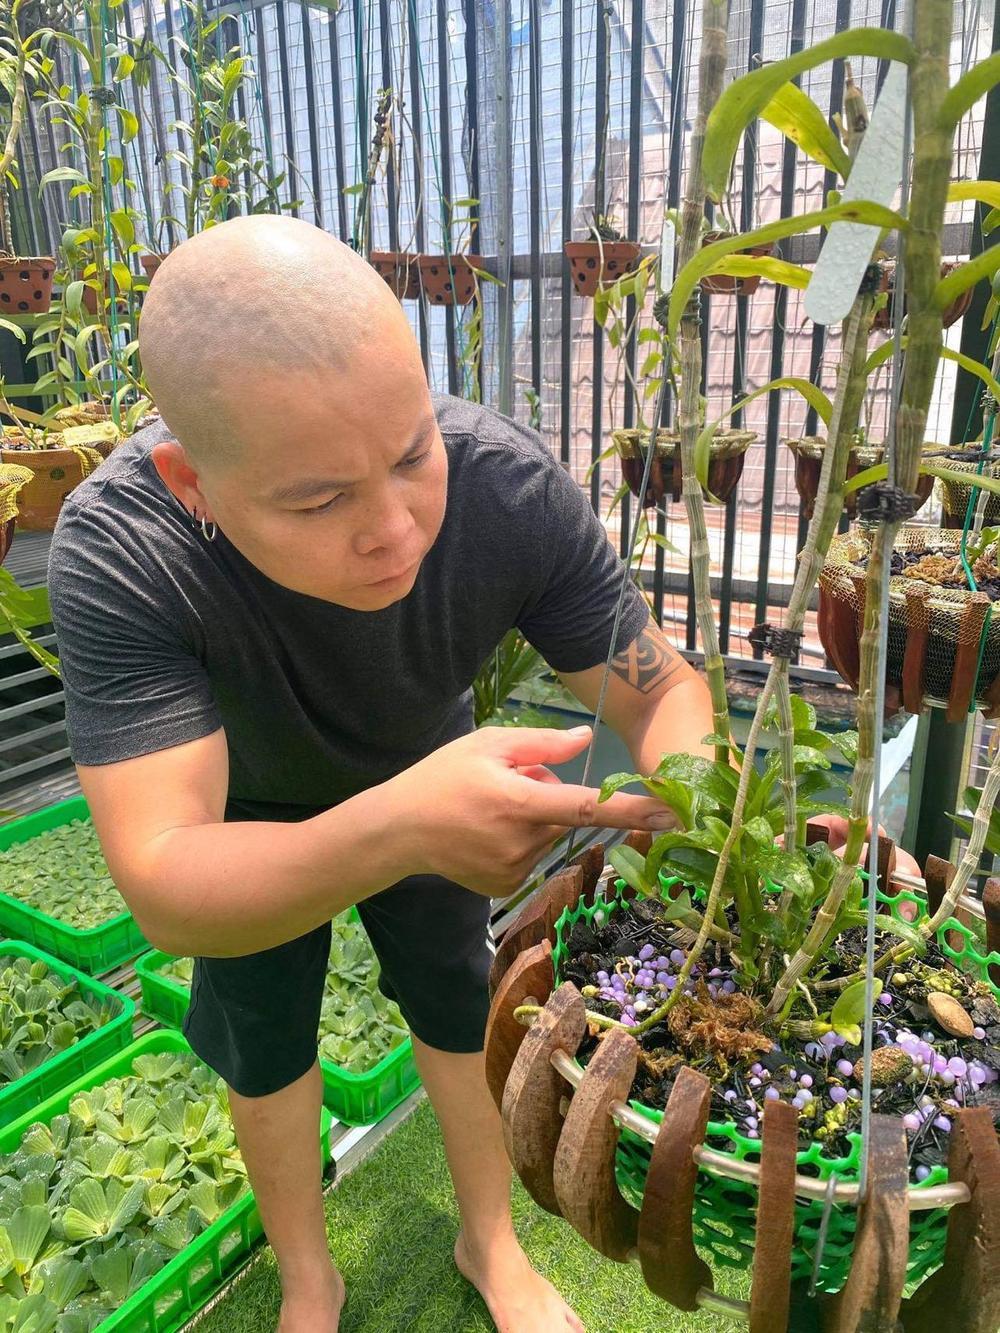 Nghệ nhân Nguyễn Văn Phương: Từ chàng DJ tới ông chủ vườn lan giá trị Ảnh 5